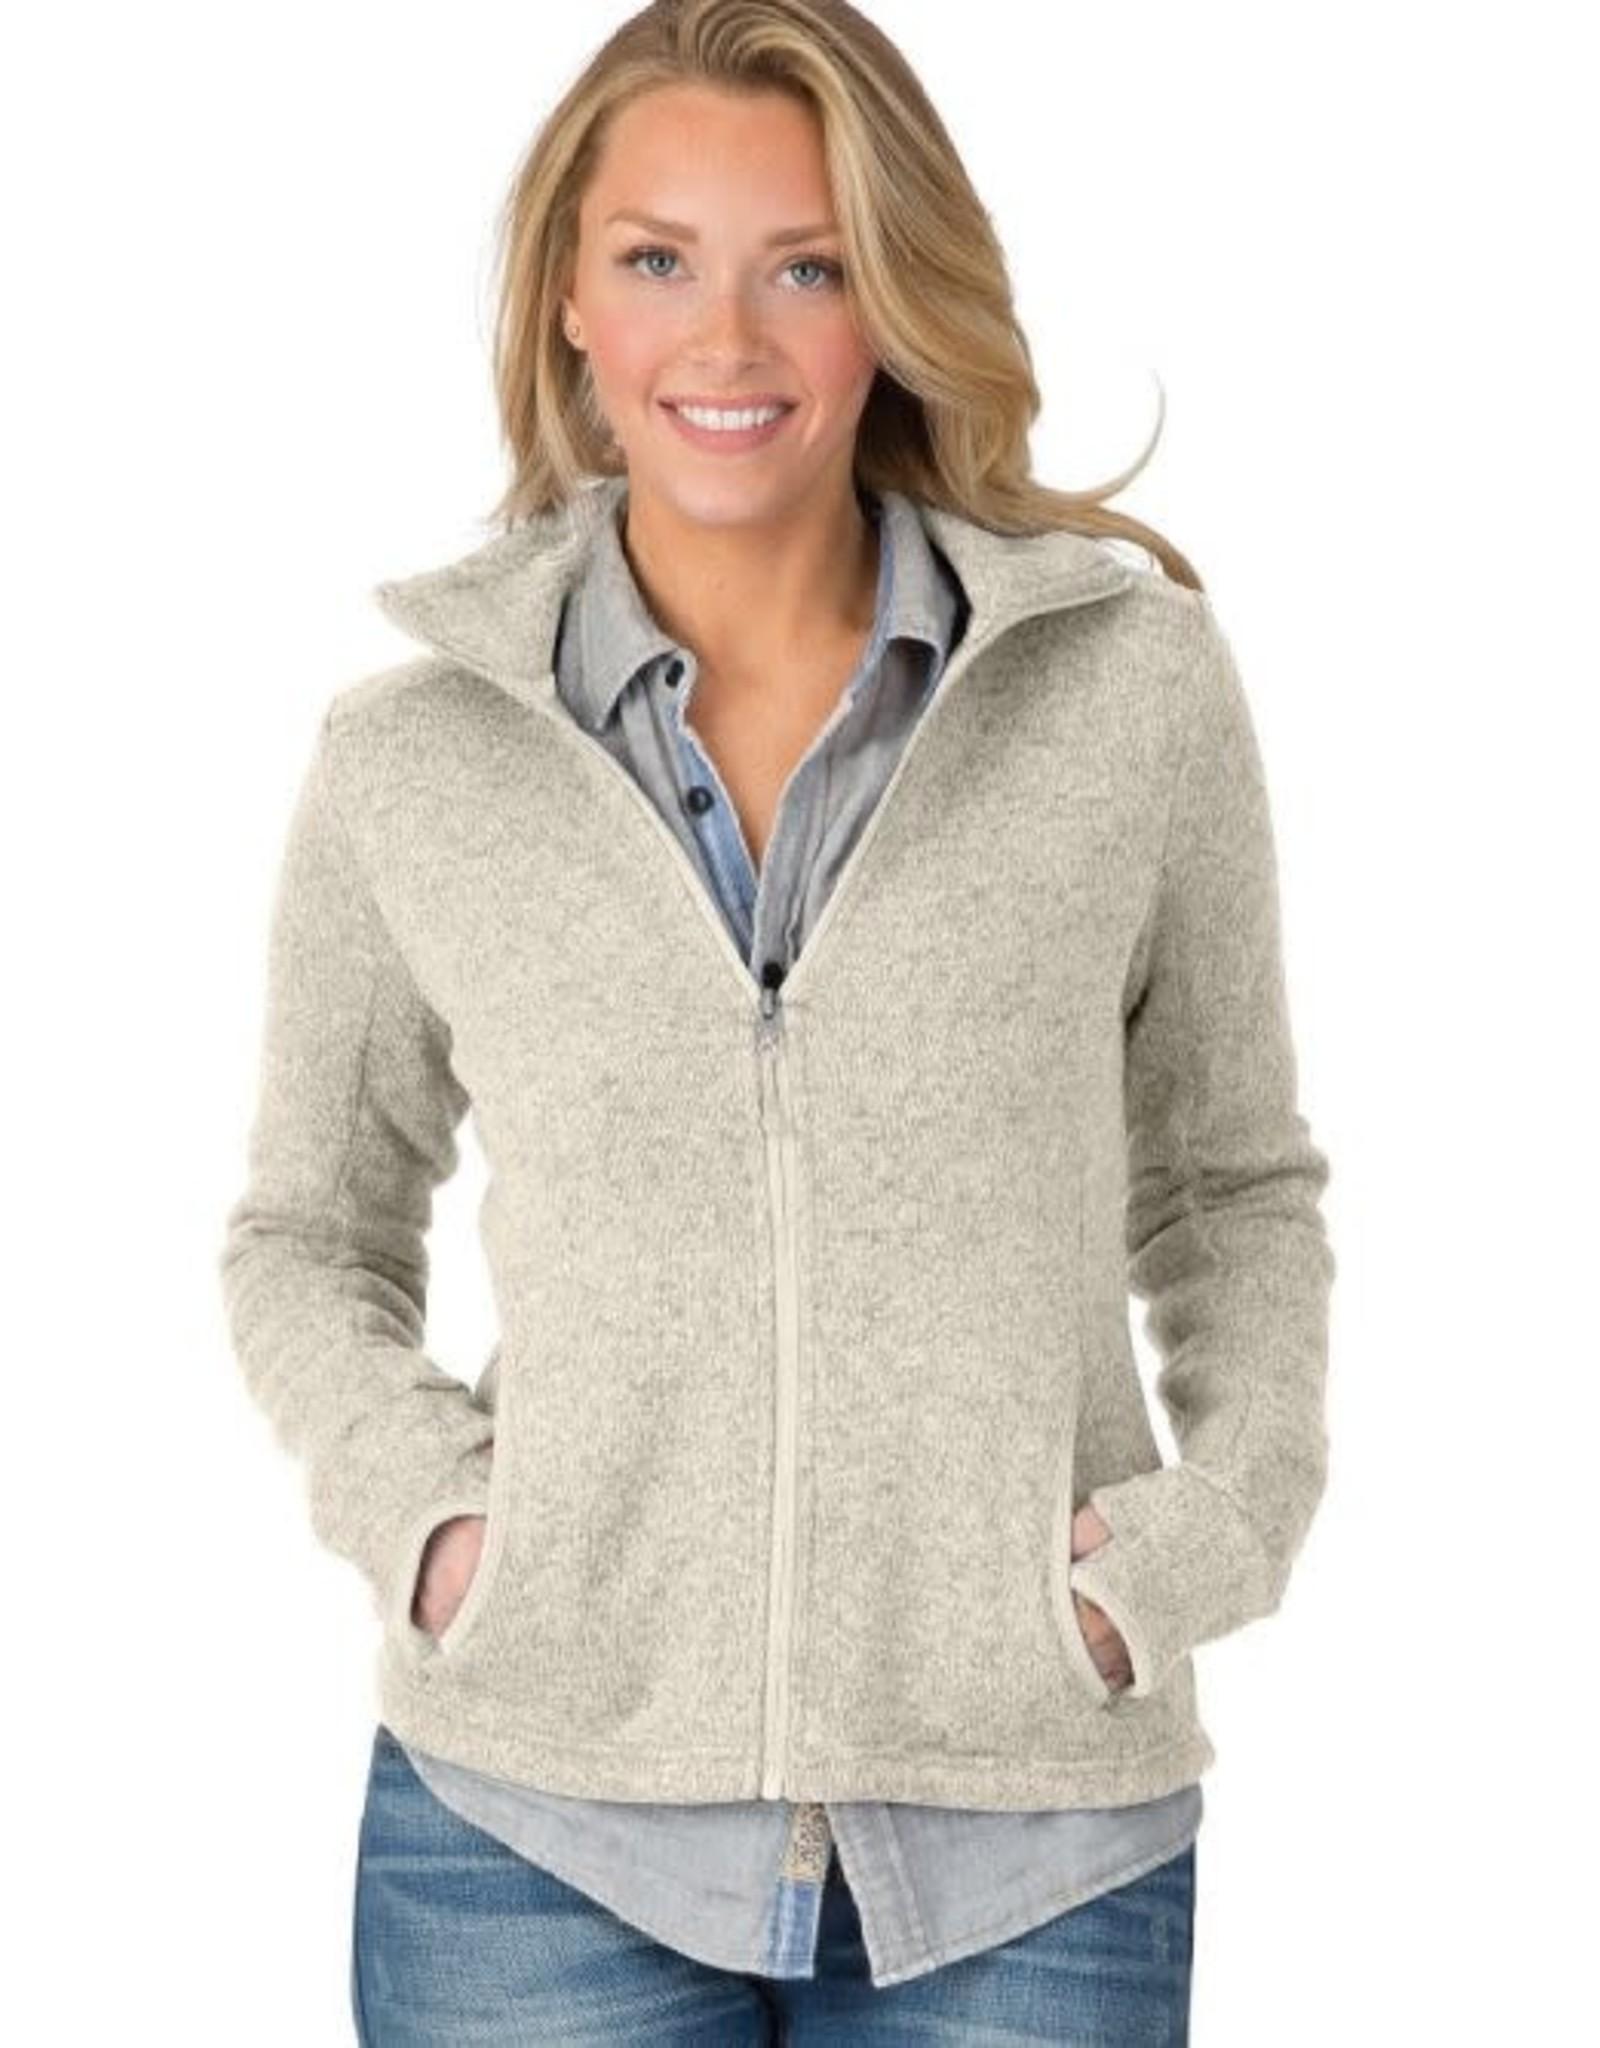 Charles River Apparel Women's heathered fleece zip Jacket